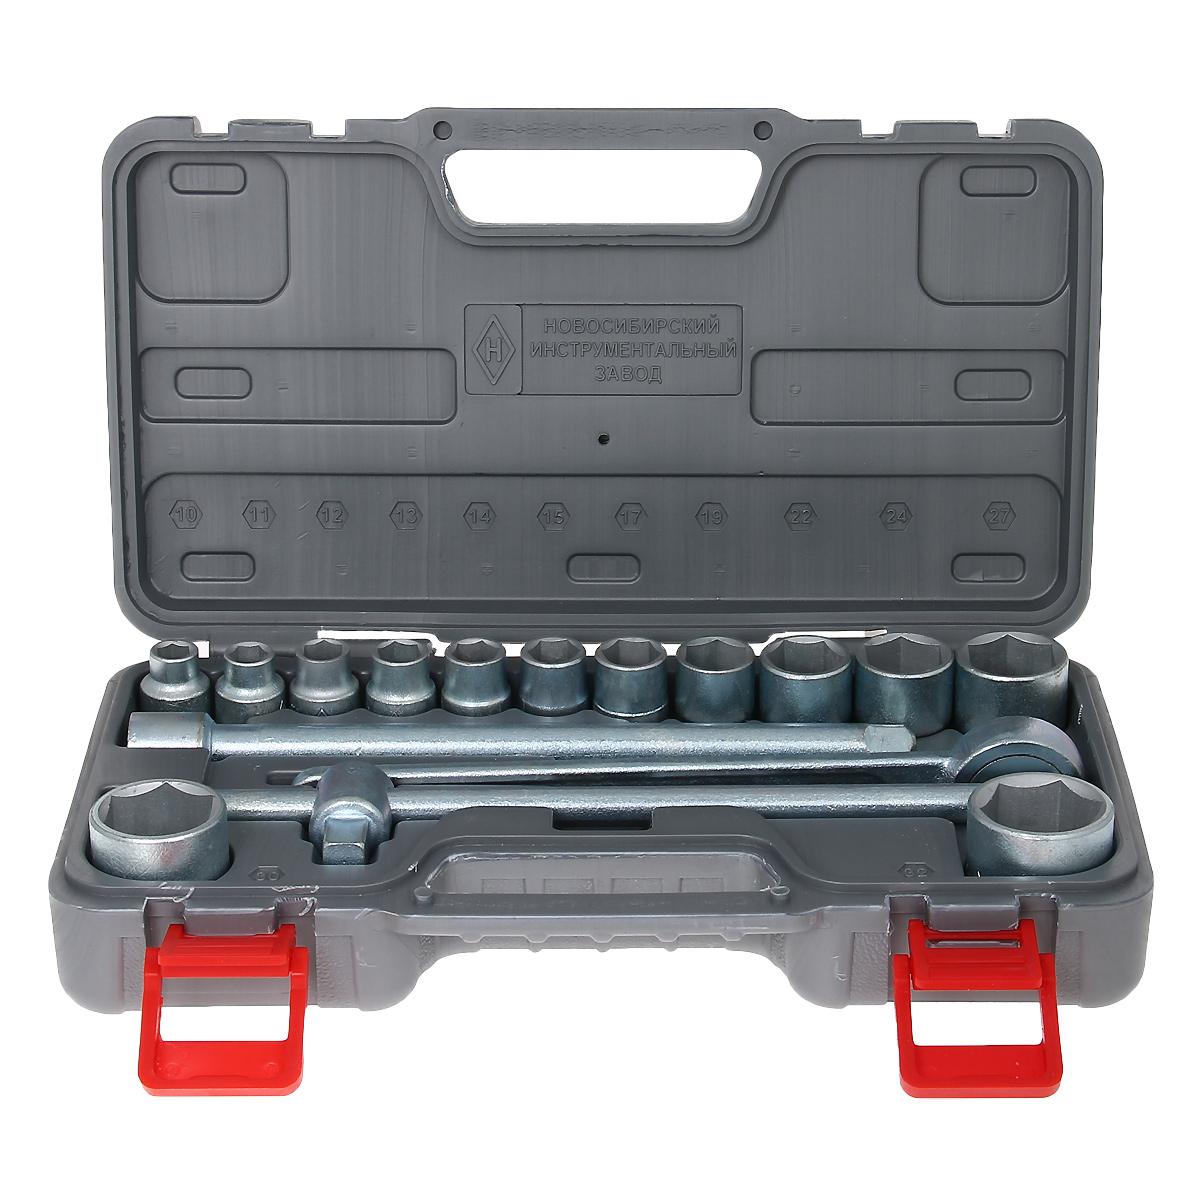 Набор шоферского инструмента № 2 НИЗ, 16 предметов13442Набор шоферского инструмента № 2 НИЗ включает: - головки сменные 1/2 10, 11, 12, 13, 14, 15, 17, 19, 22, 24, 27, 30 и 32 мм, - ключ с присоединительным квадратом 1/2,- трещоточный ключ 1/2,- удлинитель 250 мм 1/2.Все инструменты изготовлены из инструментальной стали 40Х и оцинкованы. Набор укомплектован в пластиковый кейс. Материал: инструментальная сталь, пластик.